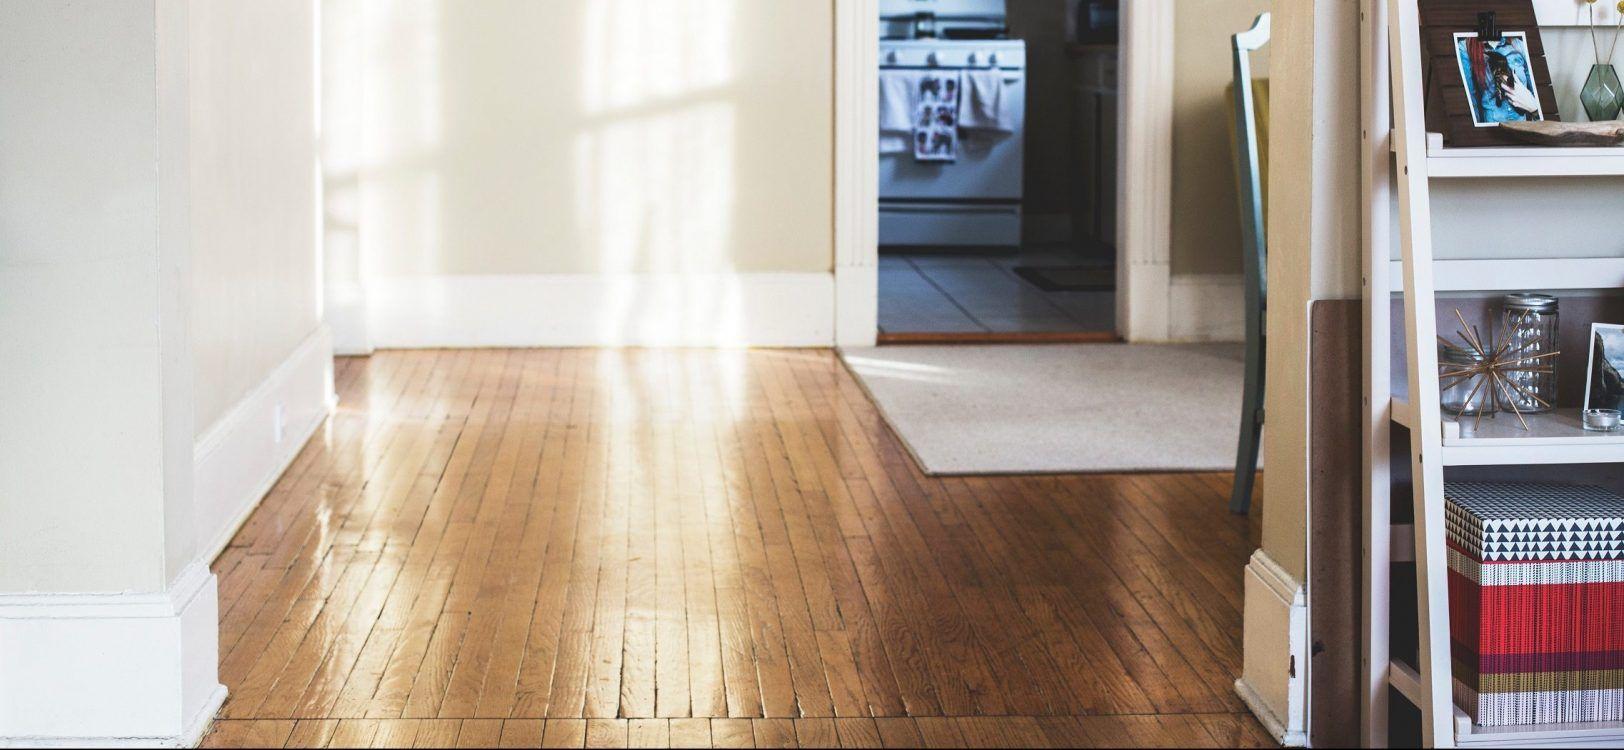 Cacher Trou Carrelage Salle De Bain comment bien entretenir et nettoyer les sols de votre